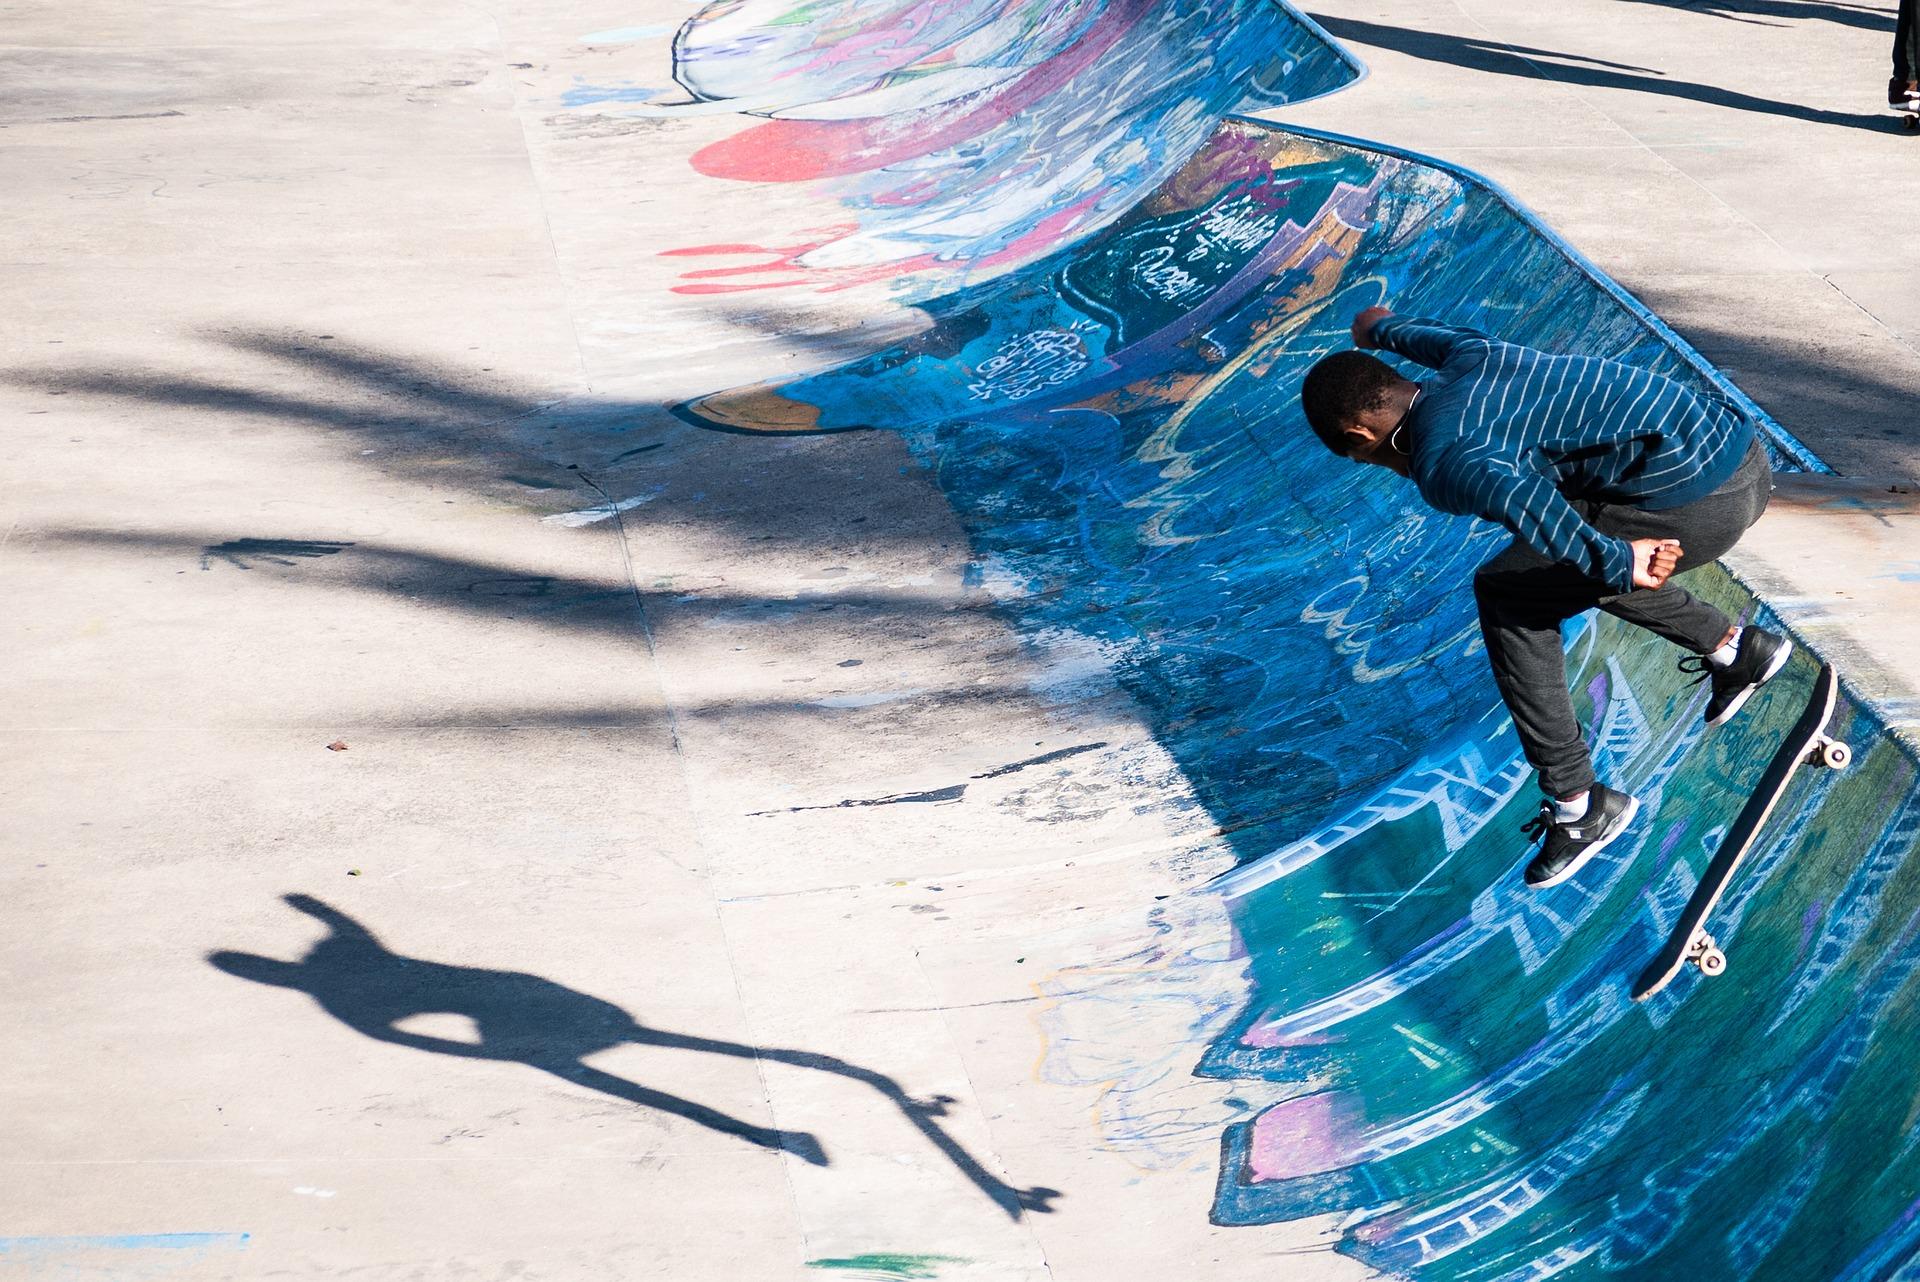 Meilleurs Skateparks à Toulouse - Skatepark de la Grande Plaine